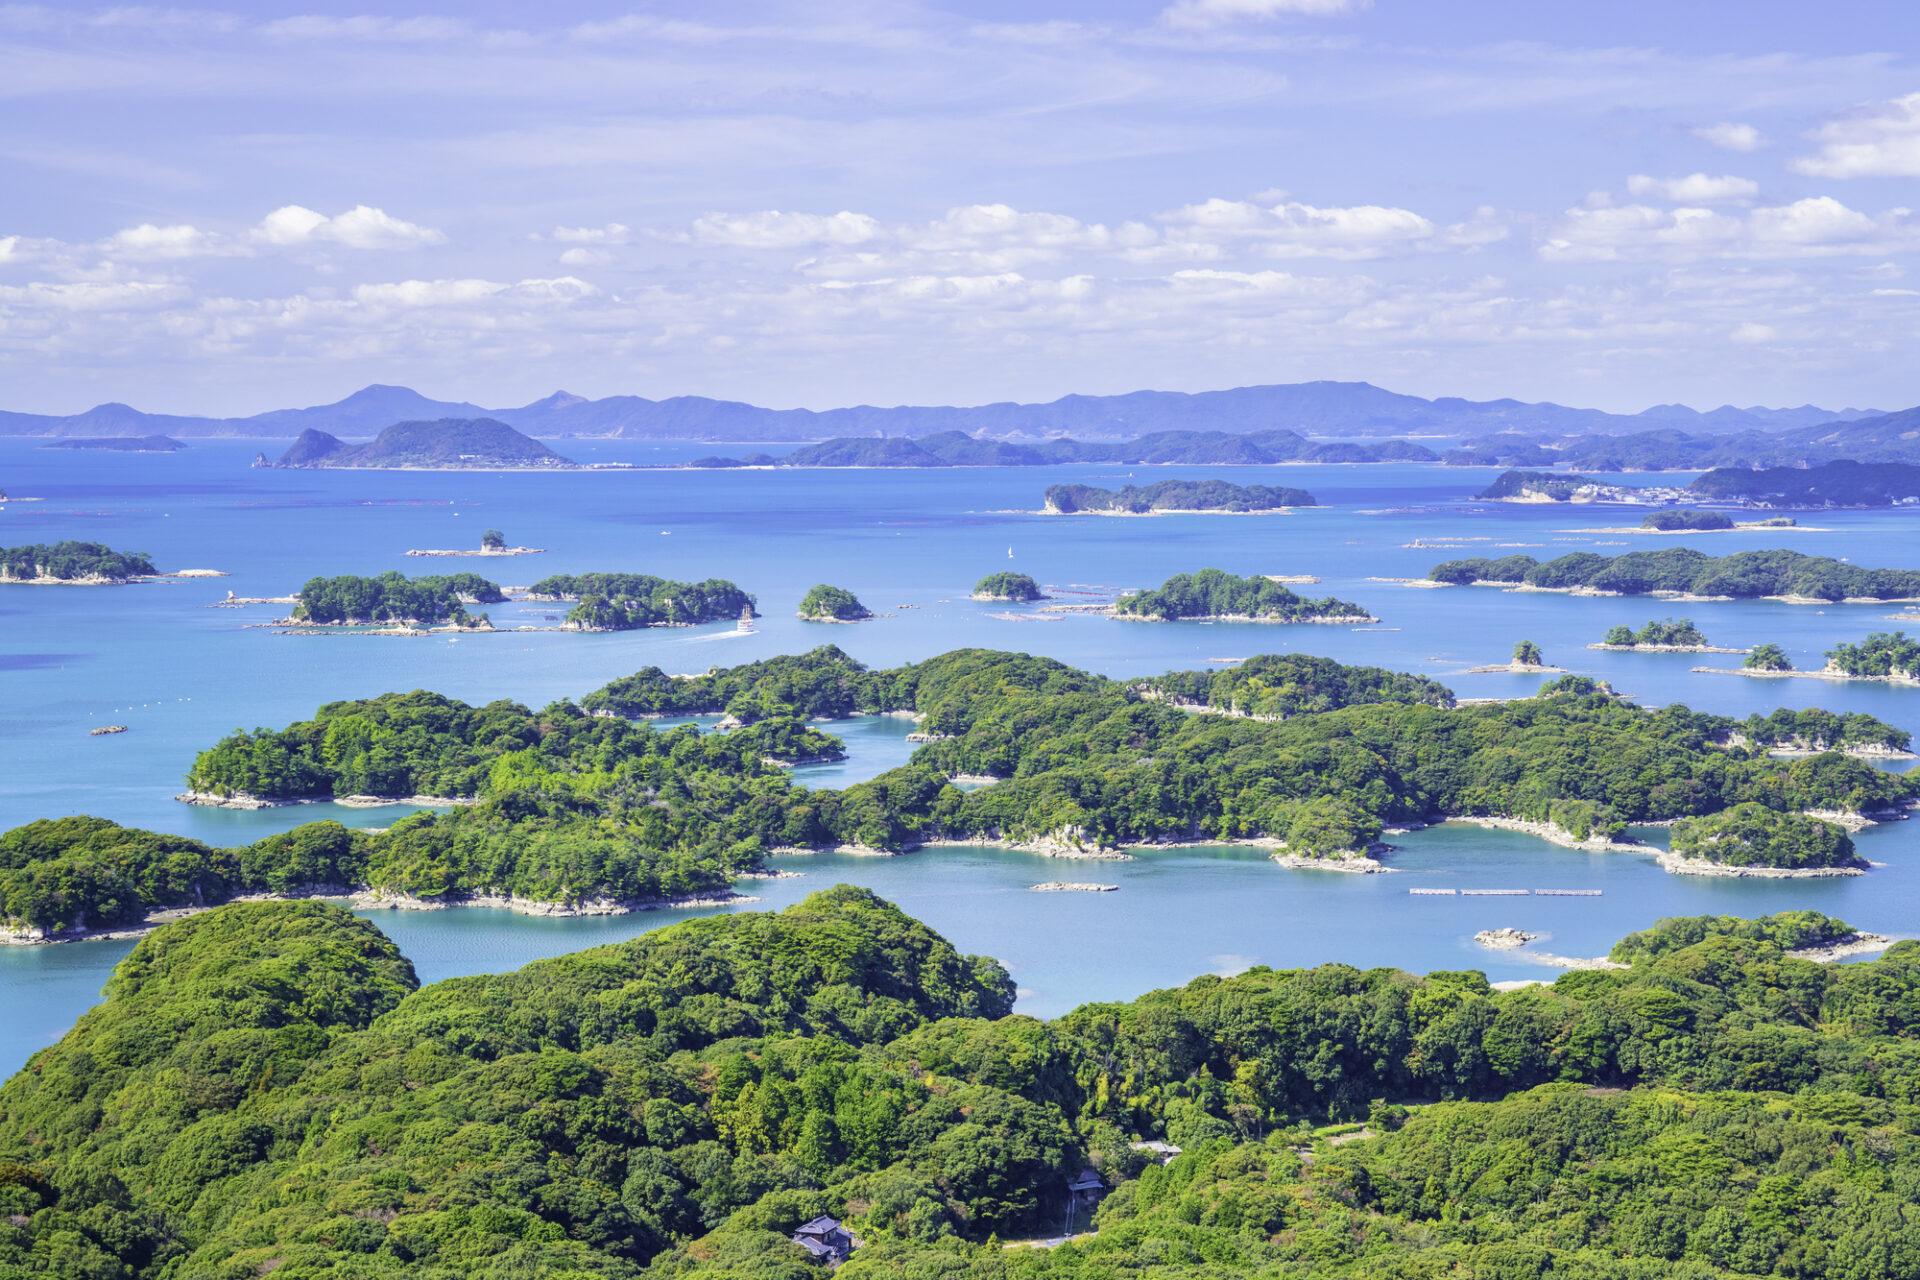 小さな島々が見える海